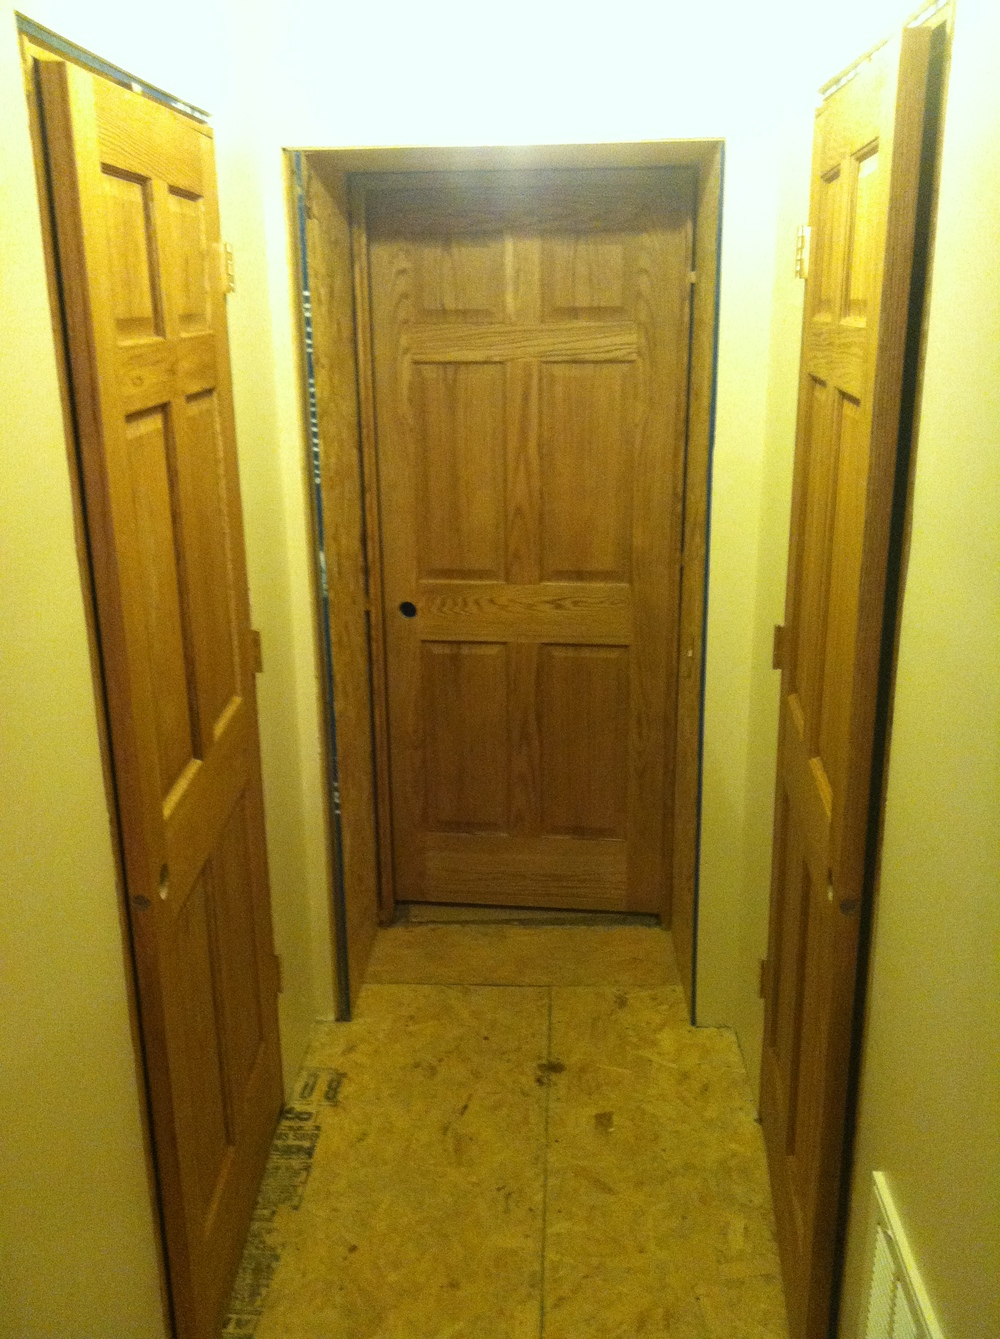 And Doors